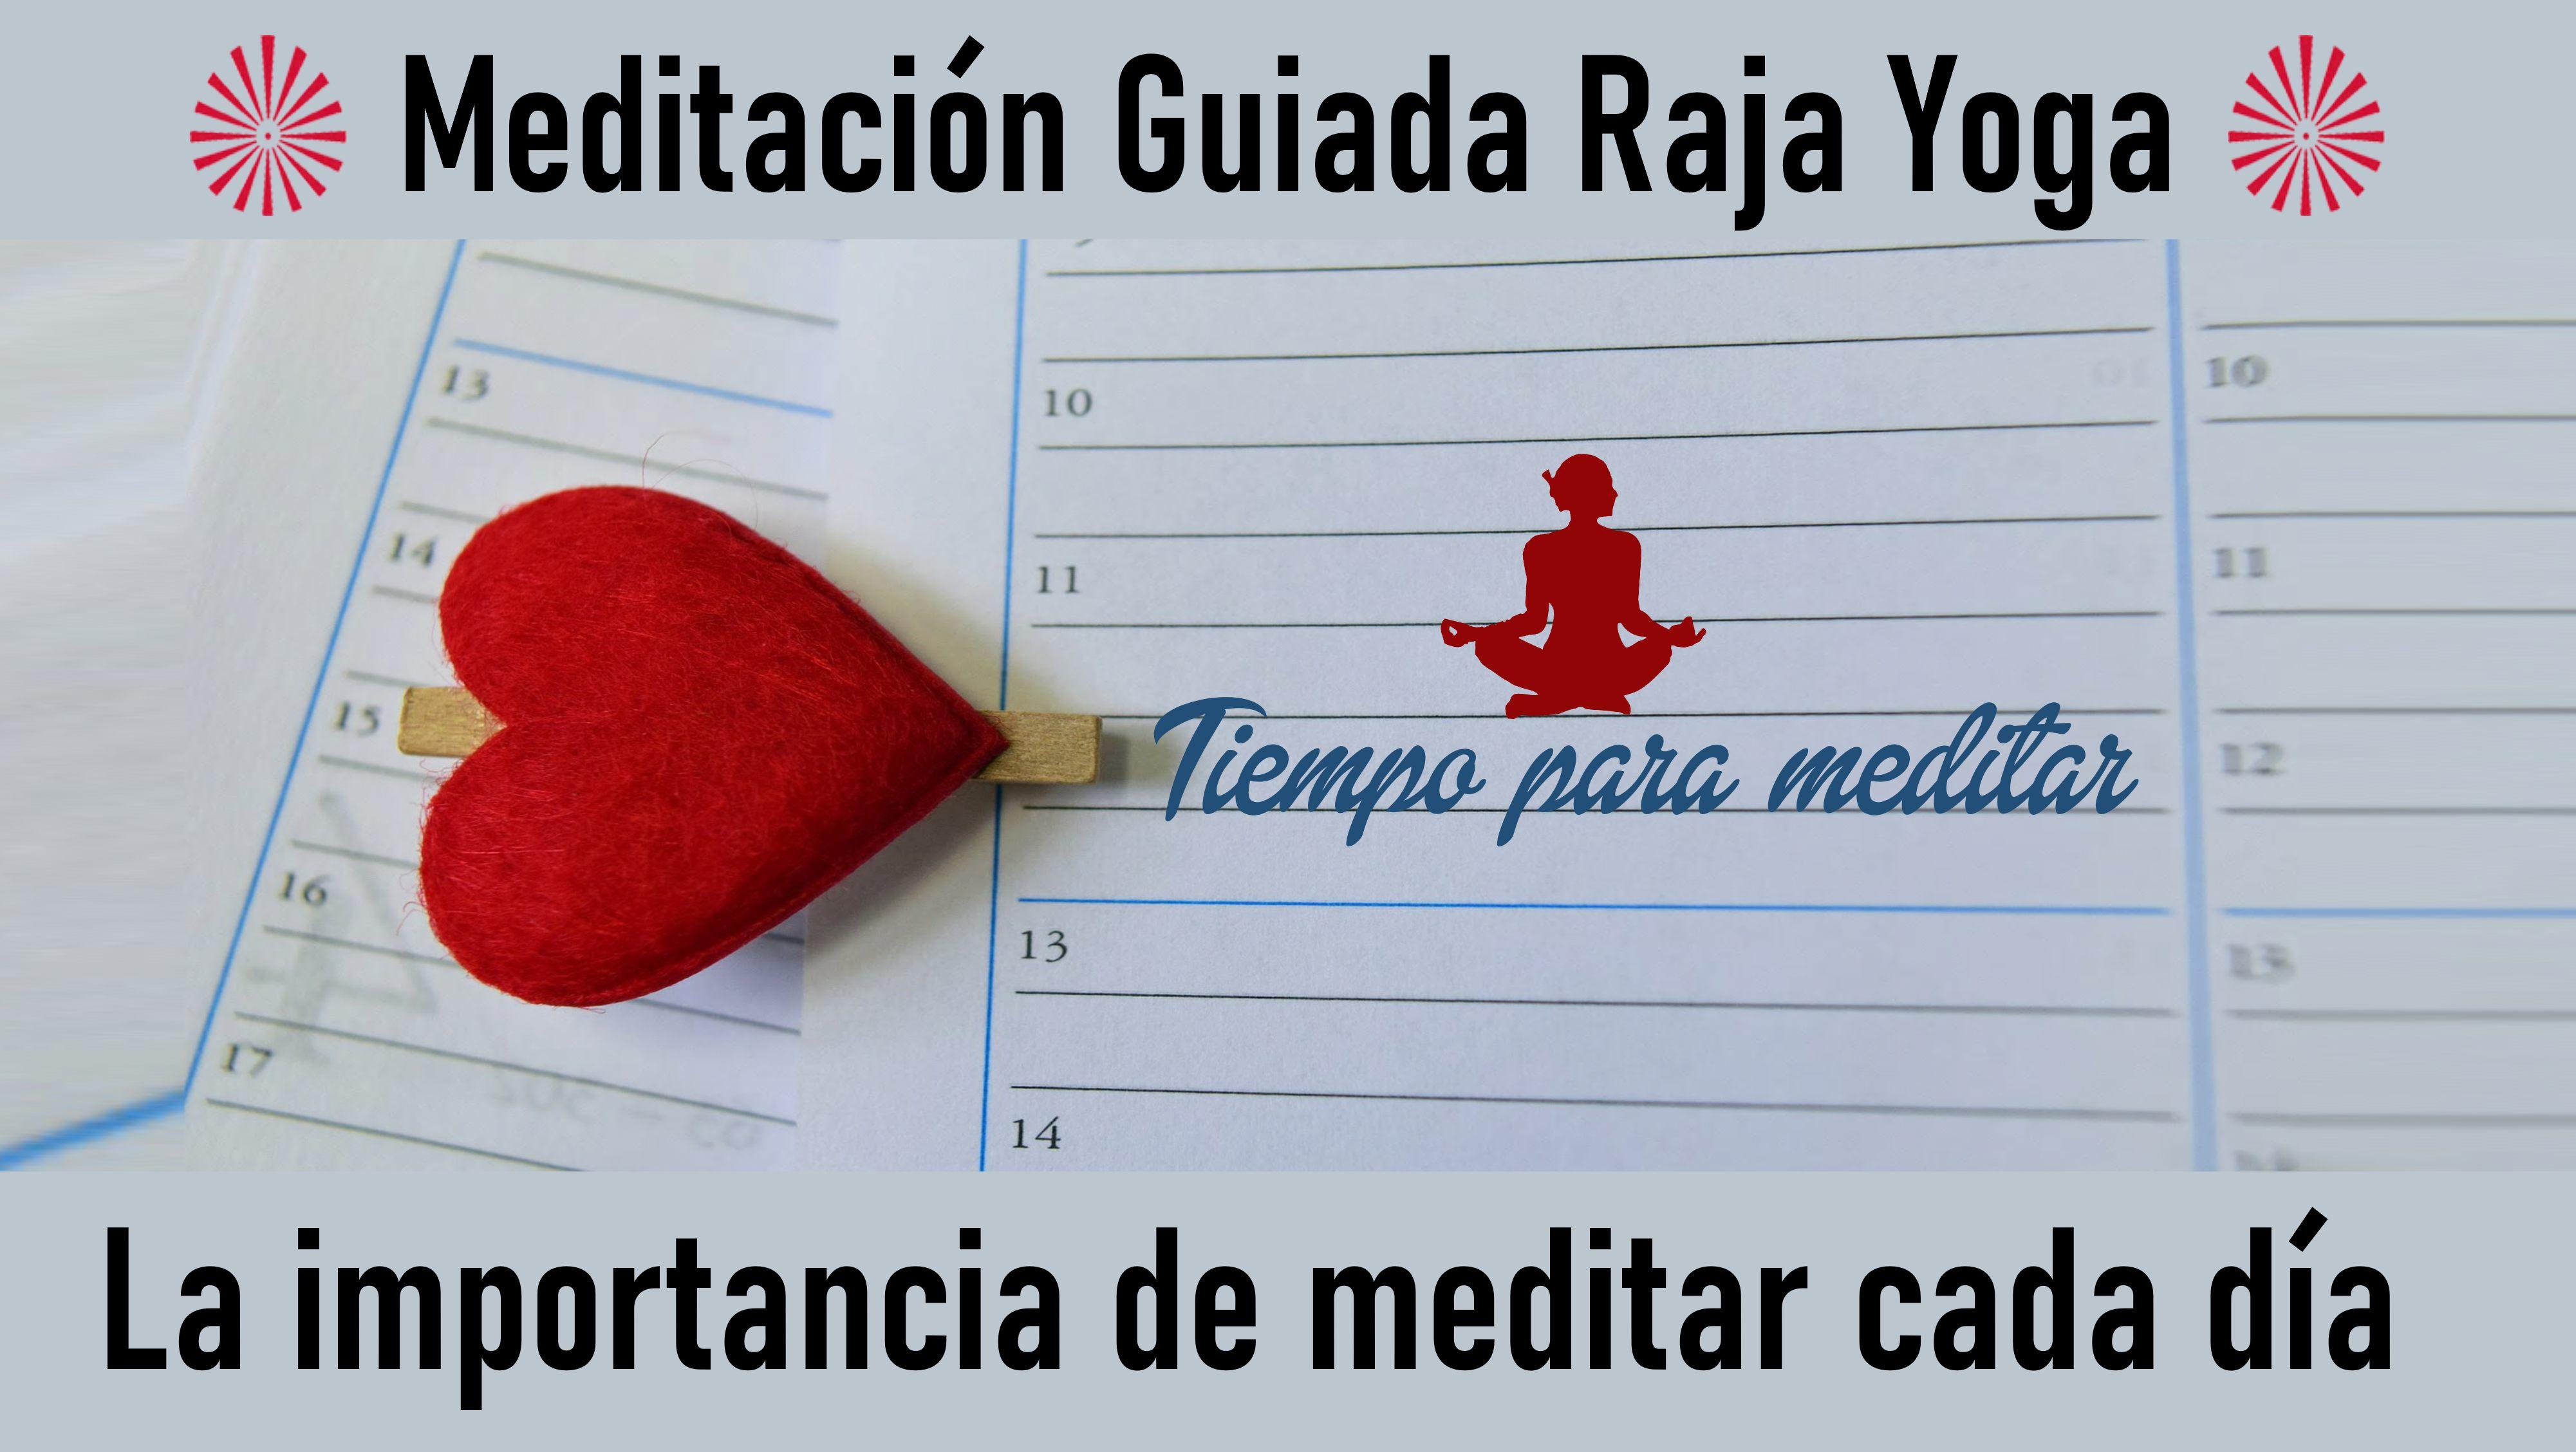 Meditación Raja Yoga: La Importancia de Meditar Cada Día (10Junio 2020) On-line desde Sevilla